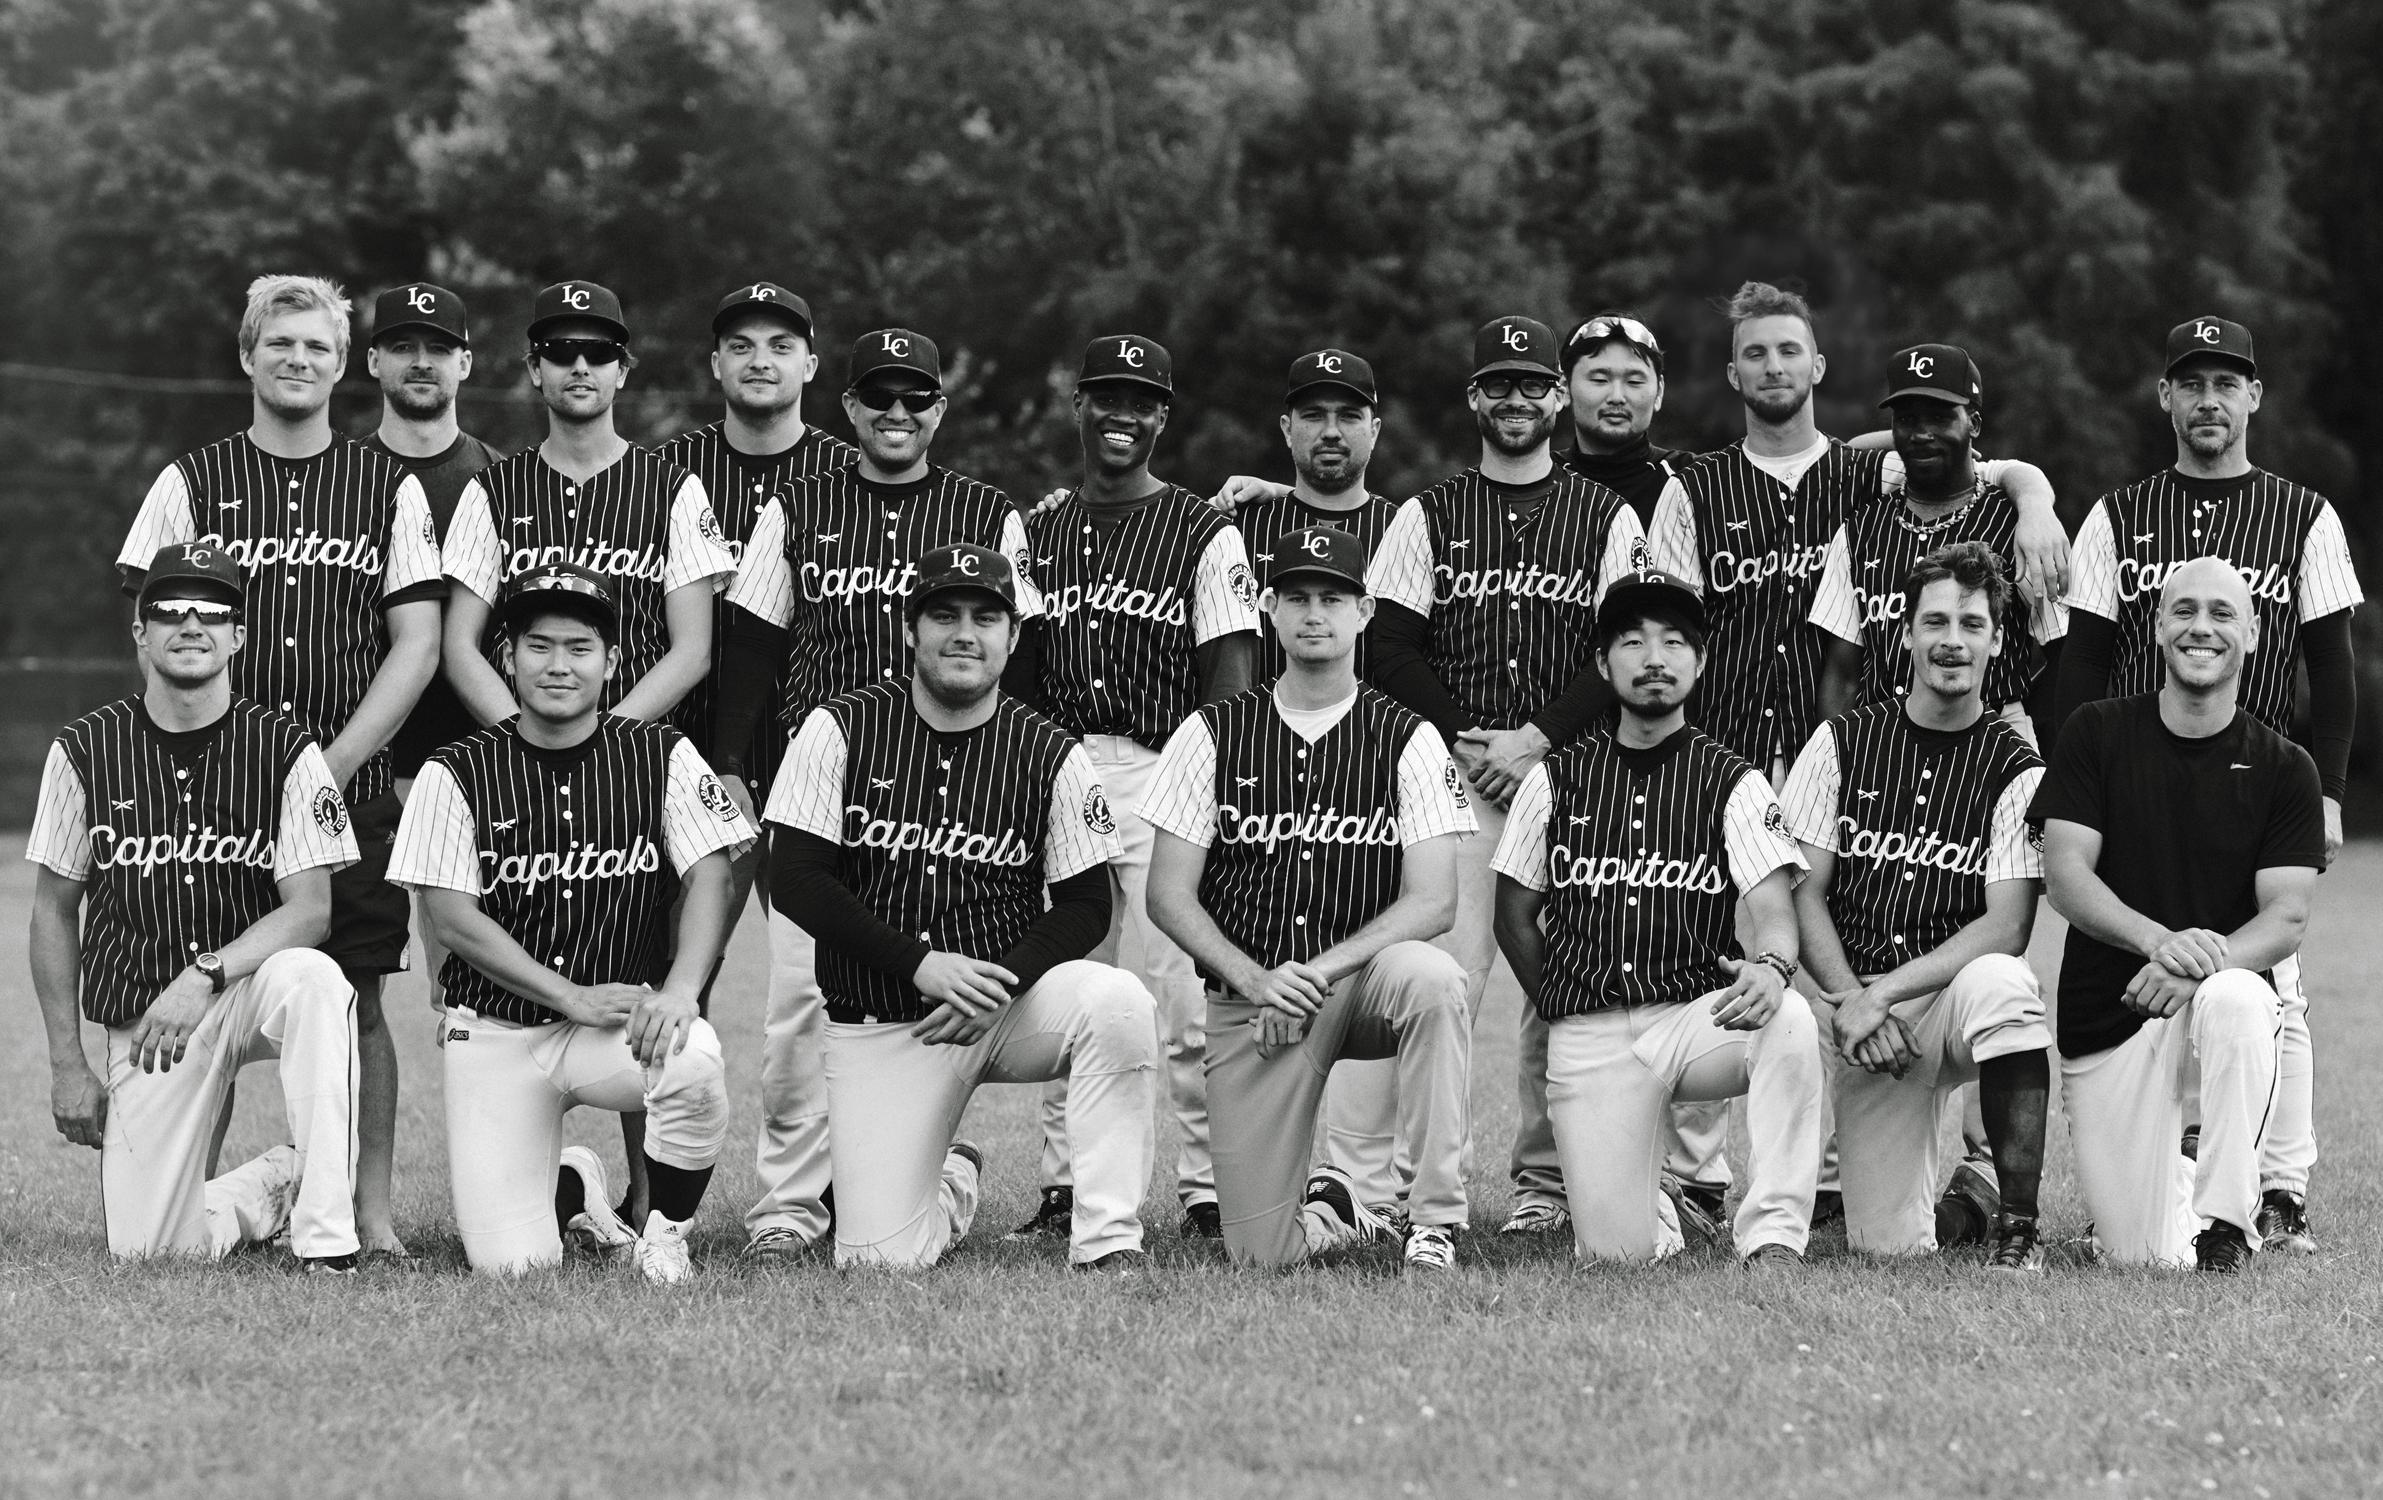 Mets Capitals Baseball Team9